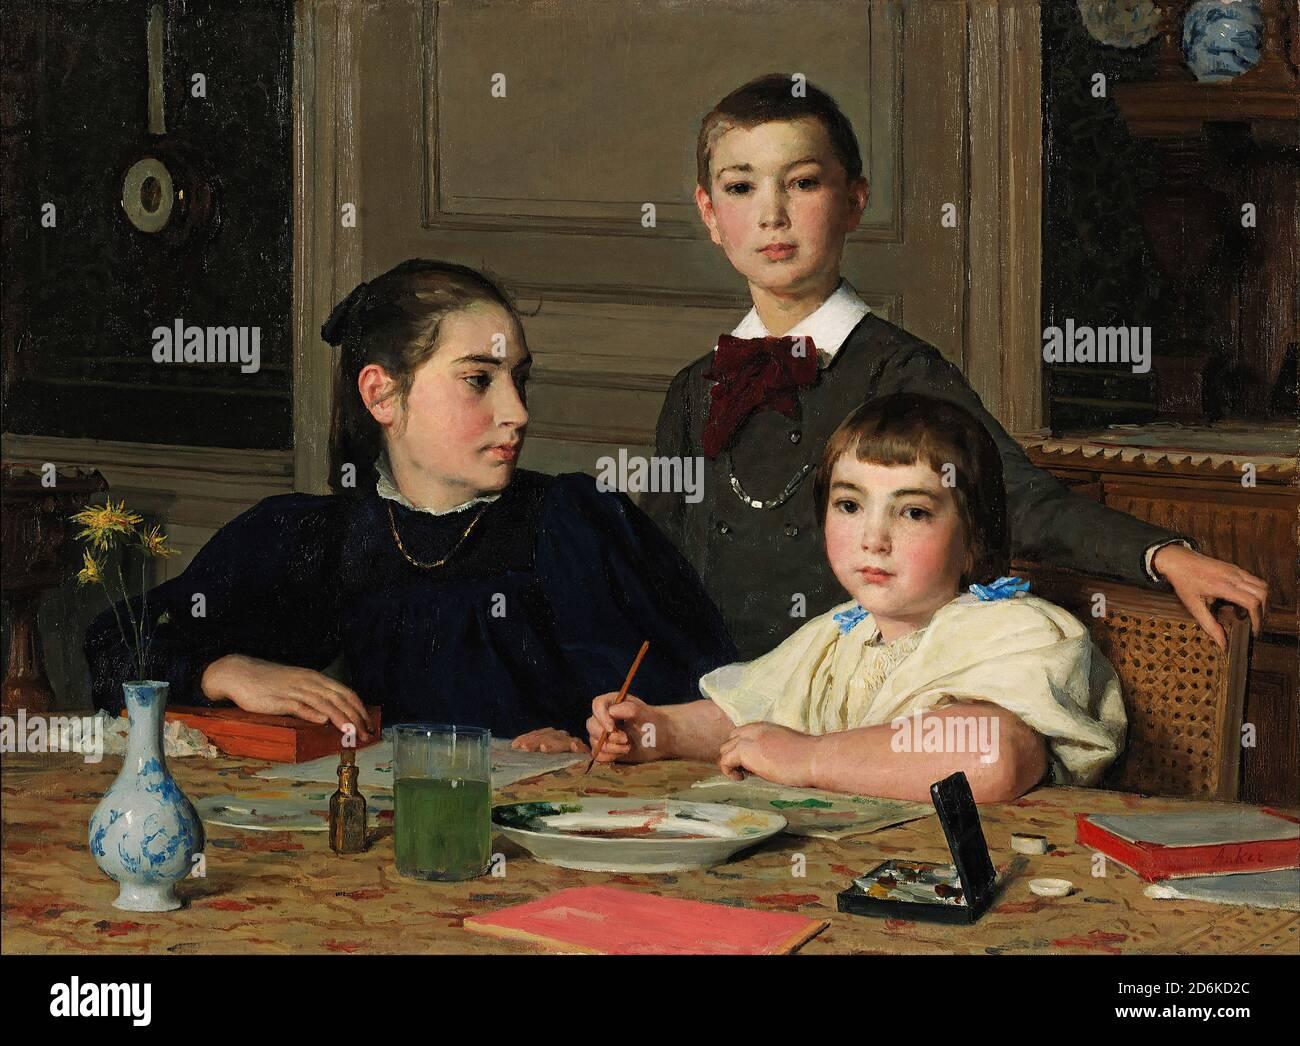 Chiusi Albert Anker 1887 svizzeri pittore Toscana romana città LW H a2 0622